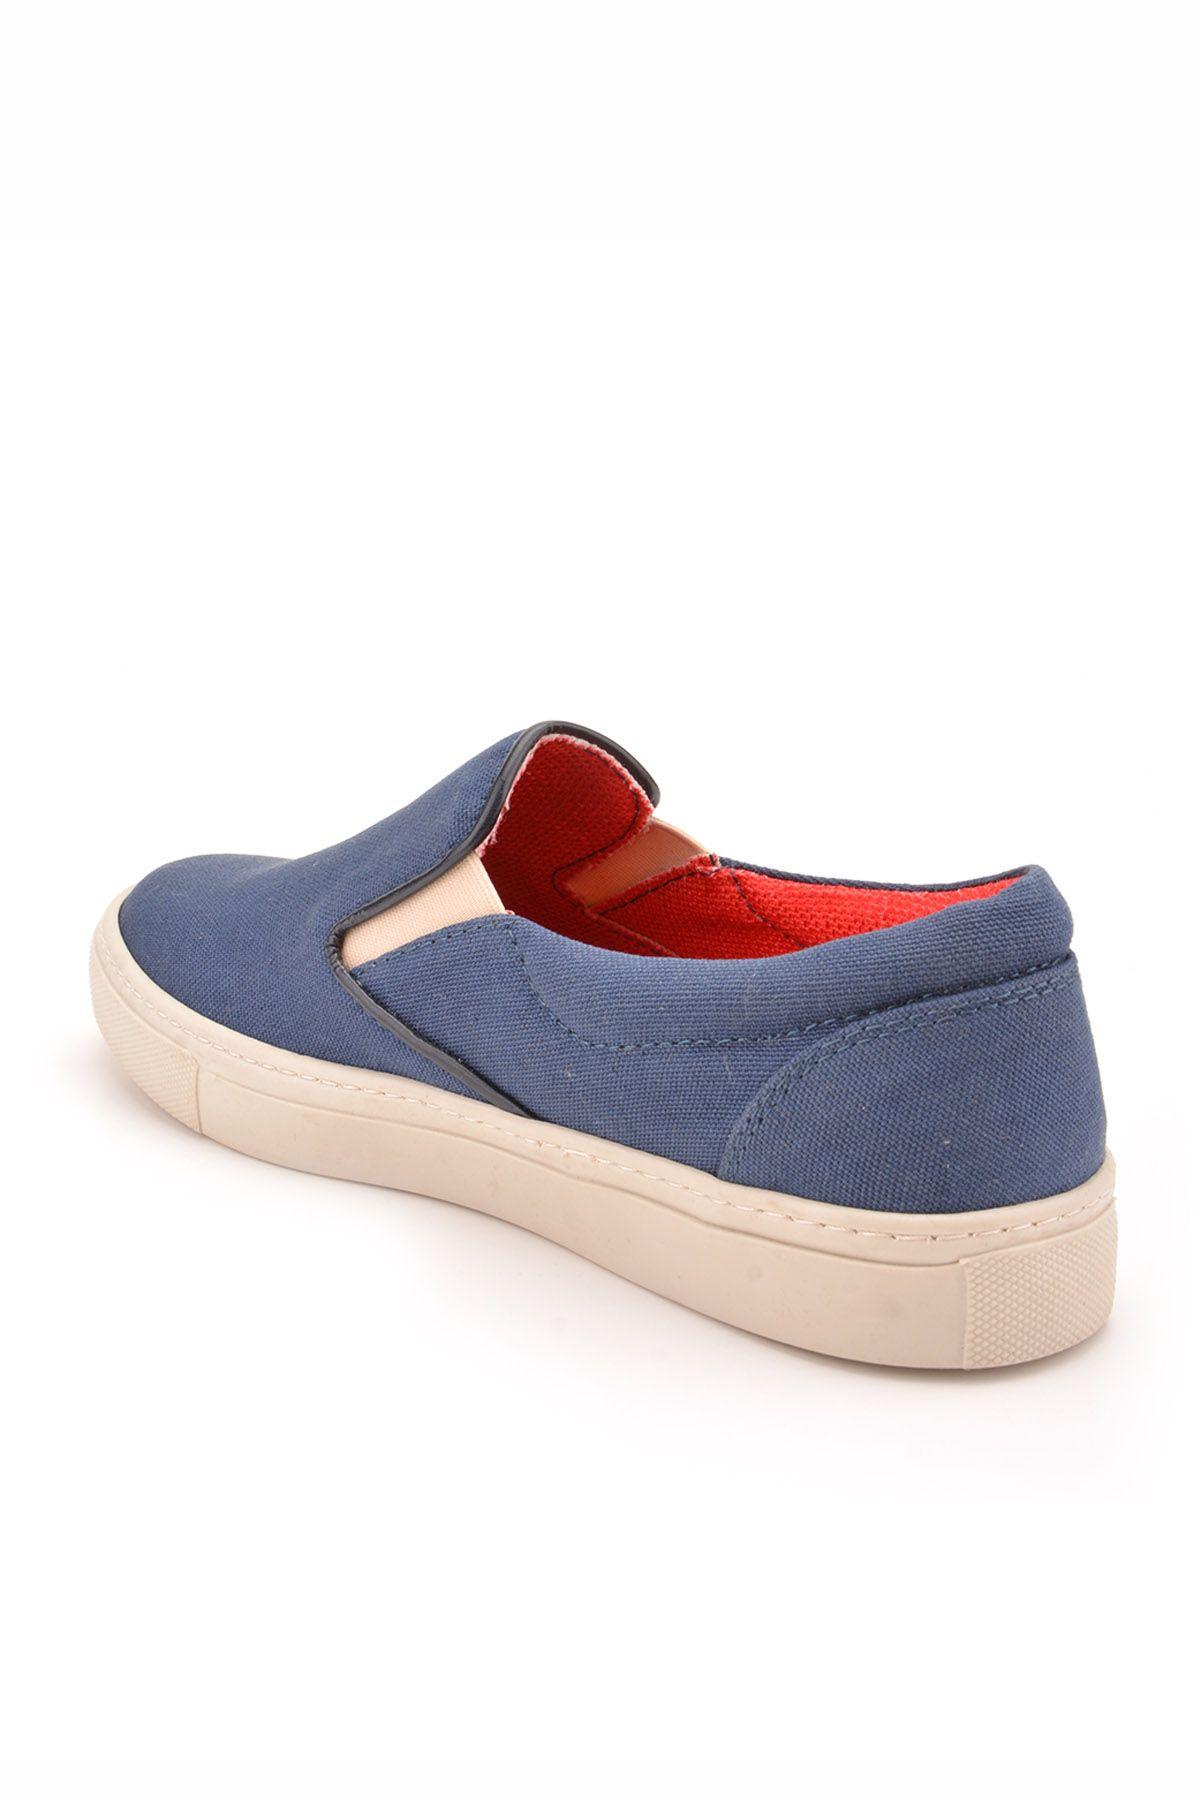 Art Goya Linen Women Sneakers Navy blue